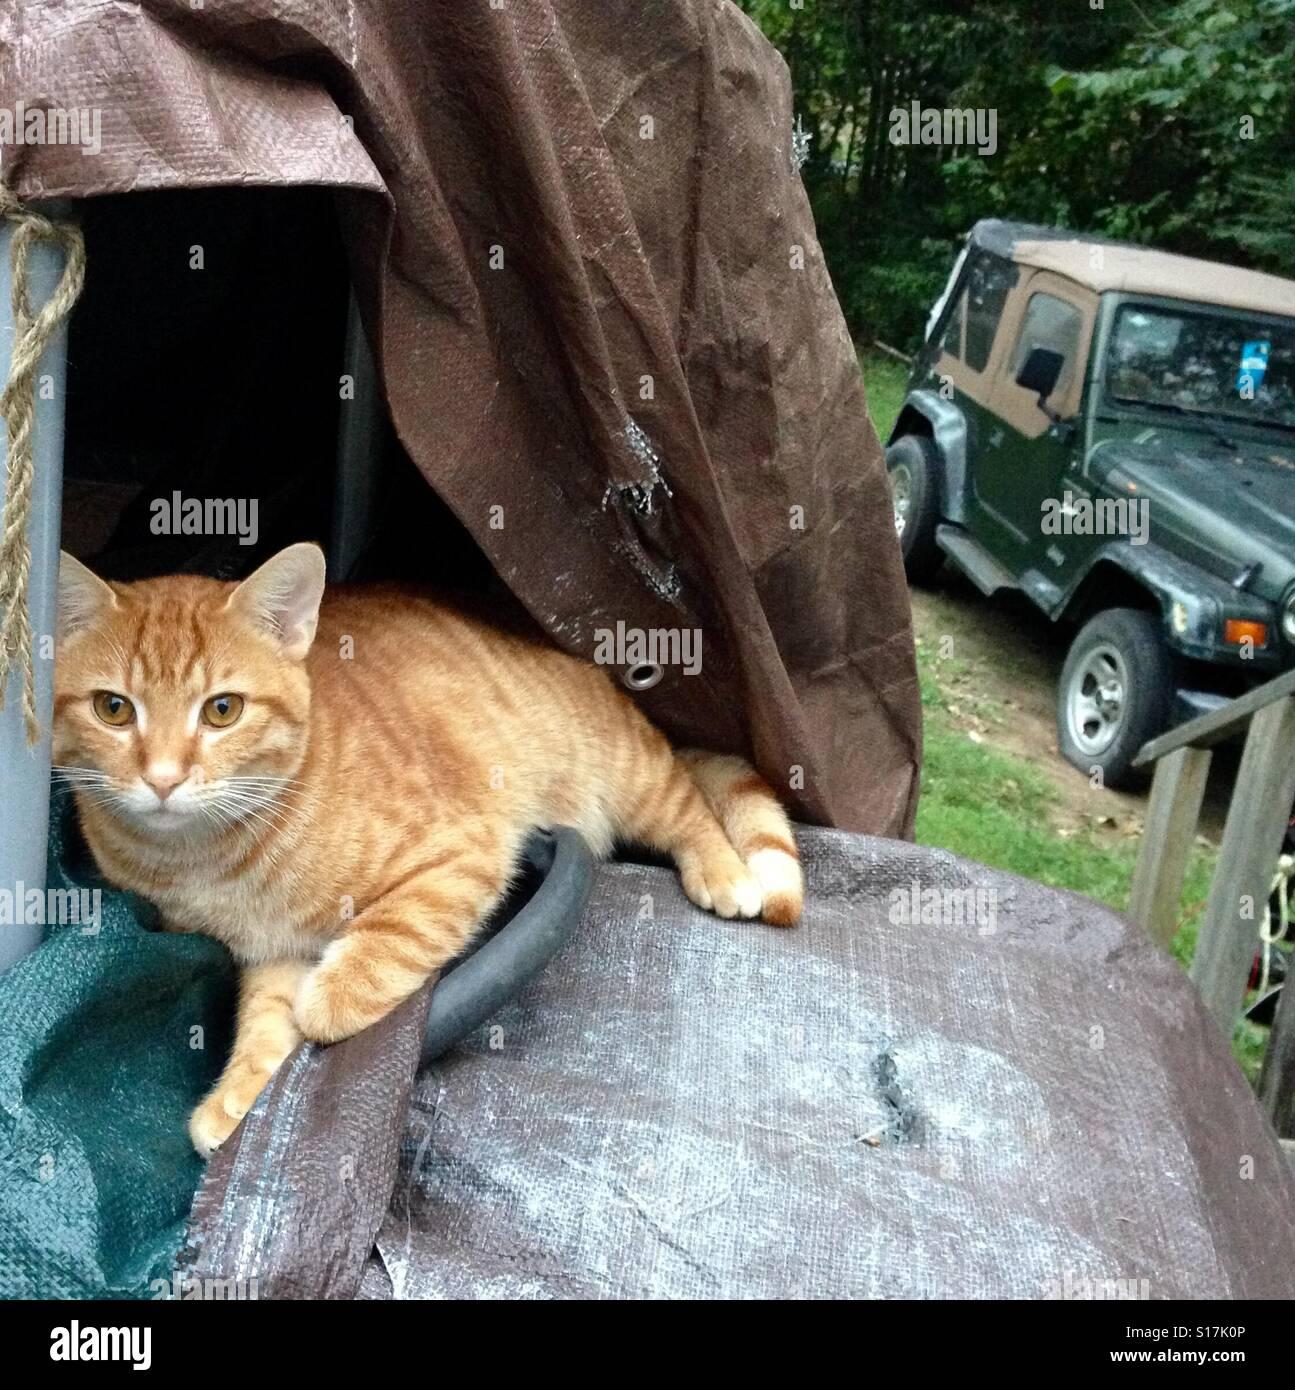 Belle et d'urdered' orange tabby tomcat, un animal en plein air bien-aimé que mon mauvais voisin a Photo Stock